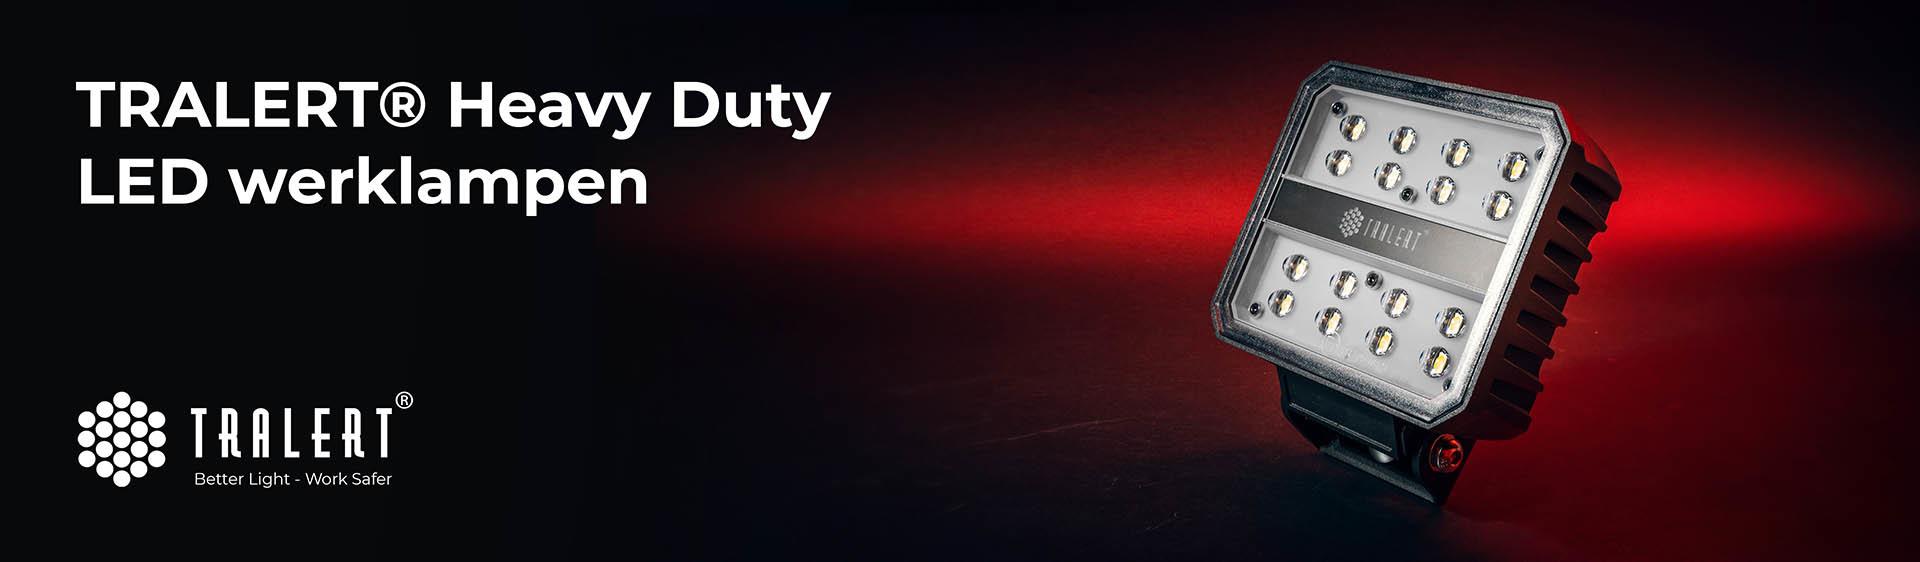 Tralert Heavy Duty LED werklampen banner